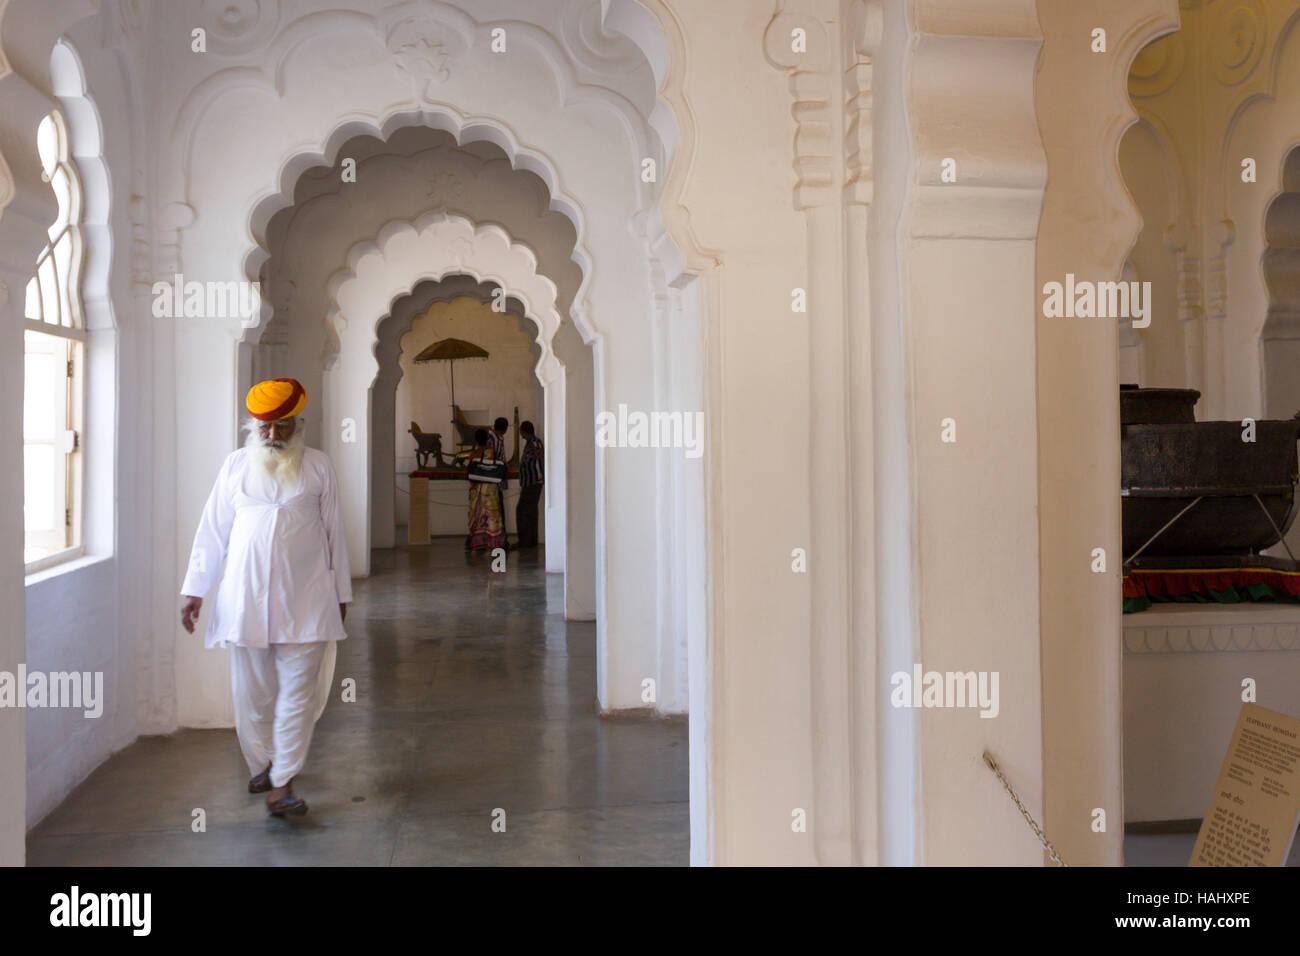 Protezione tipica con abito in Forte Mehrangarh. Jodhpur, Rajasthan. India Immagini Stock